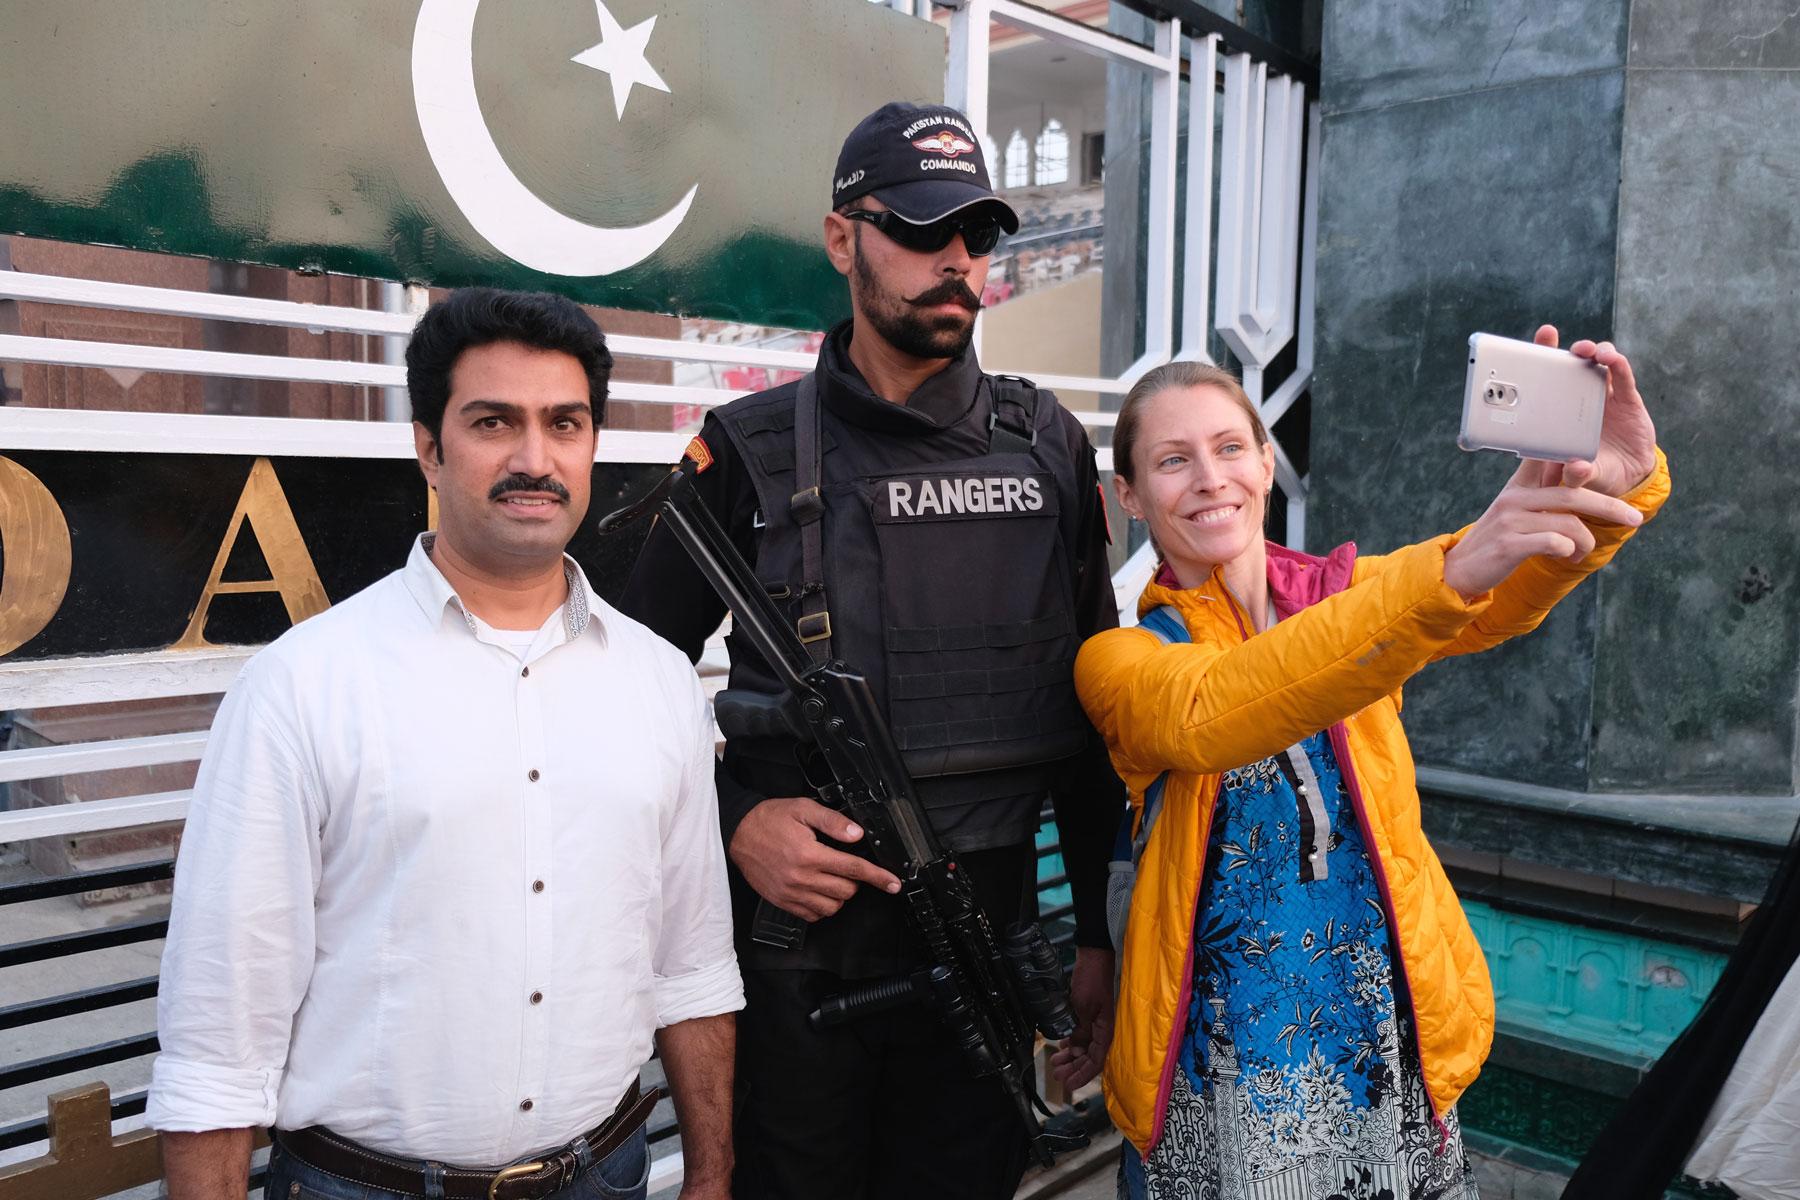 Manch einem ist Lachen im Dienst scheinbar nicht gestattet. Links im Bild Ahmed, unser netter Fahrer für dieses ereignisreiche Wochenende.